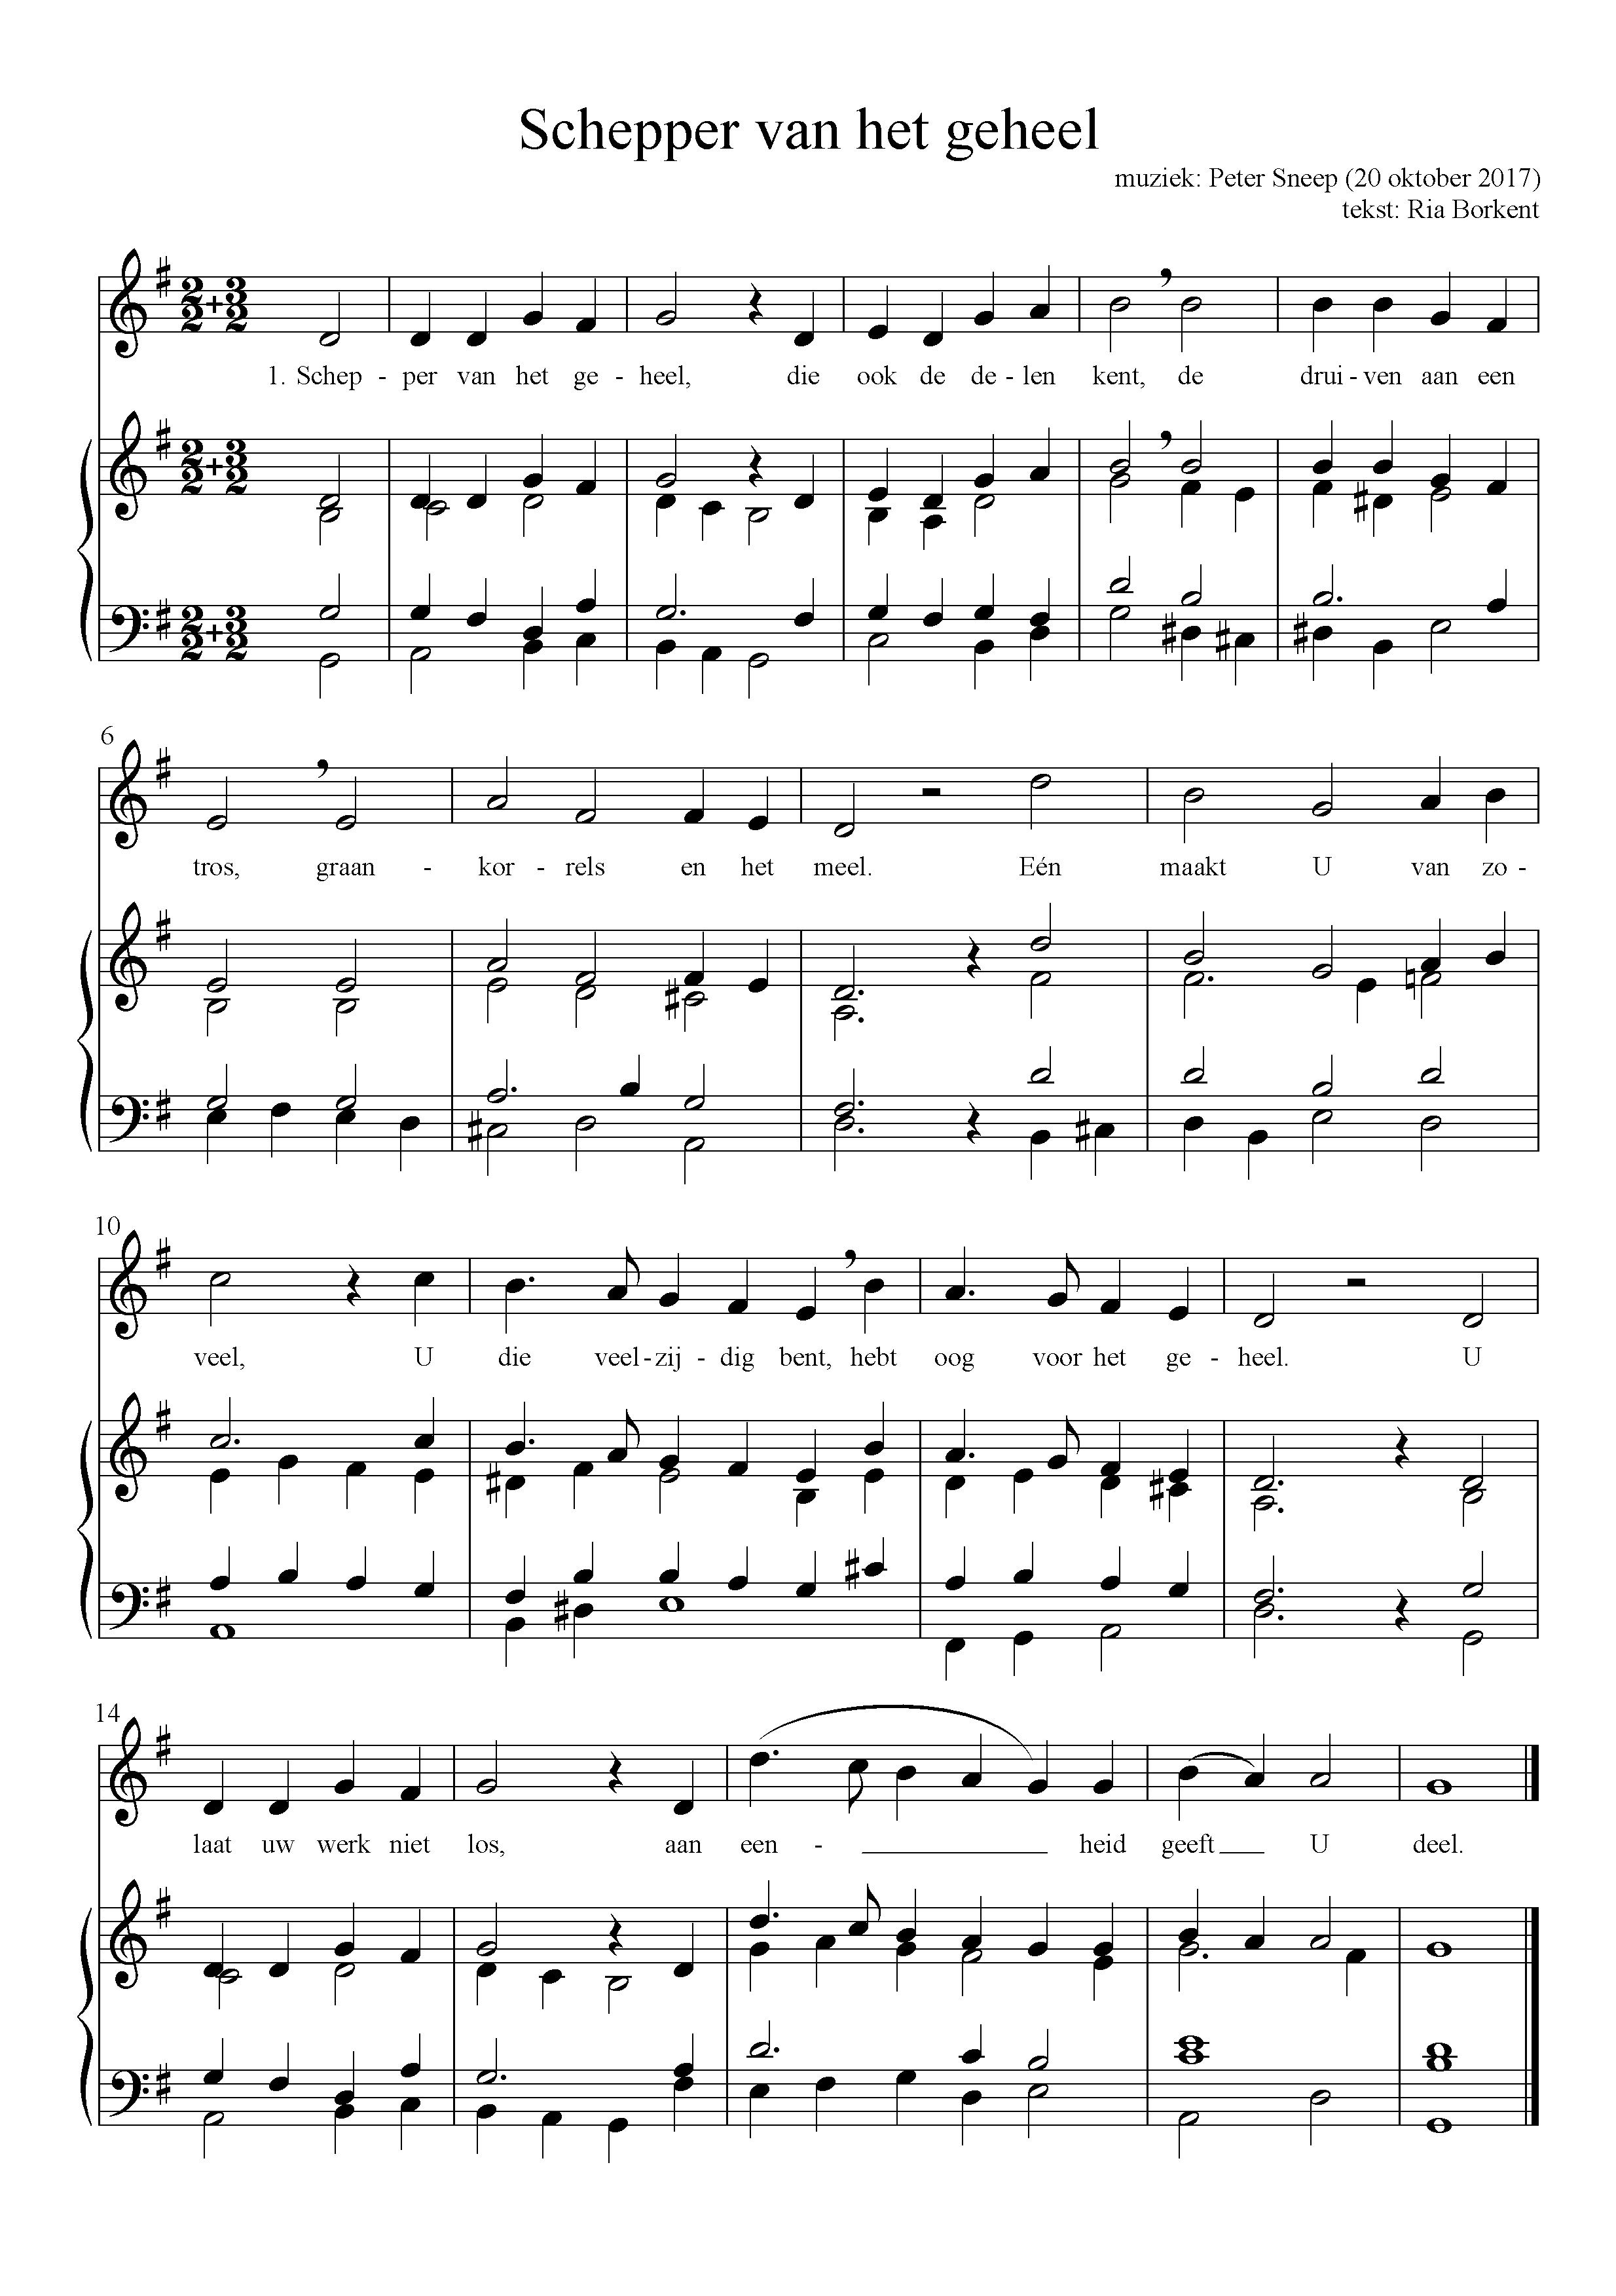 Ria Borkent schrijft lied voor kerkdienst 11/11